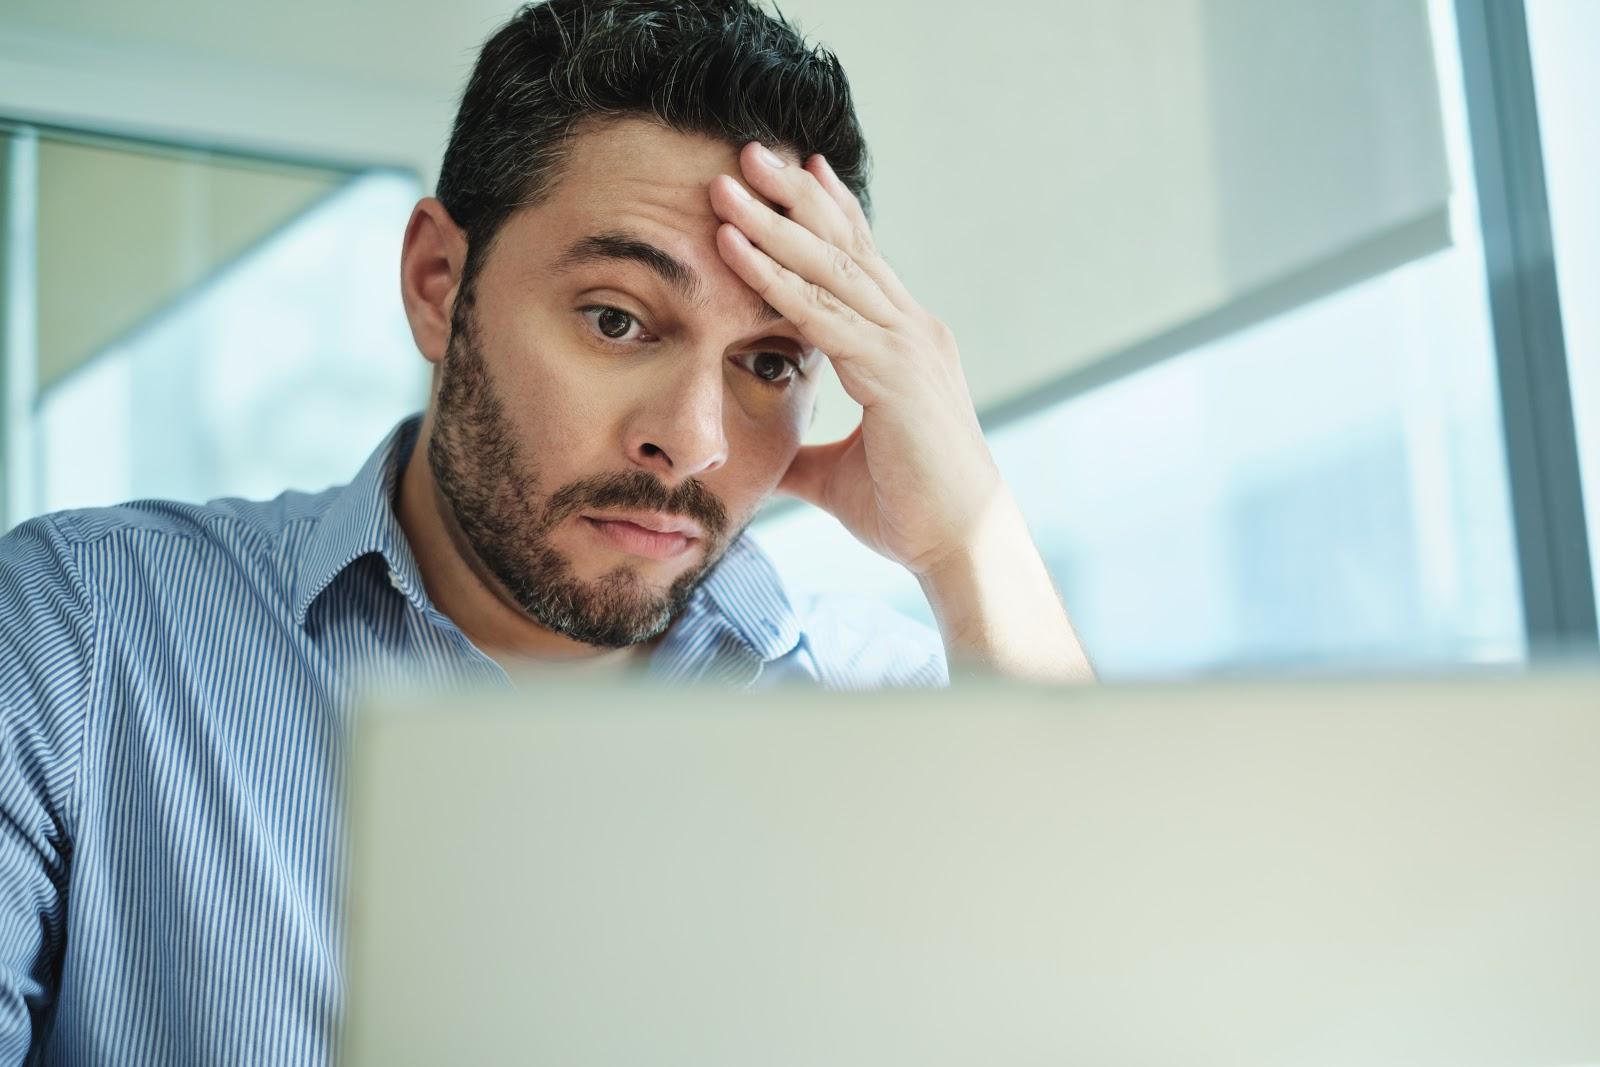 5 situações que muita gente já passou trabalhando ou tendo aulas em casa